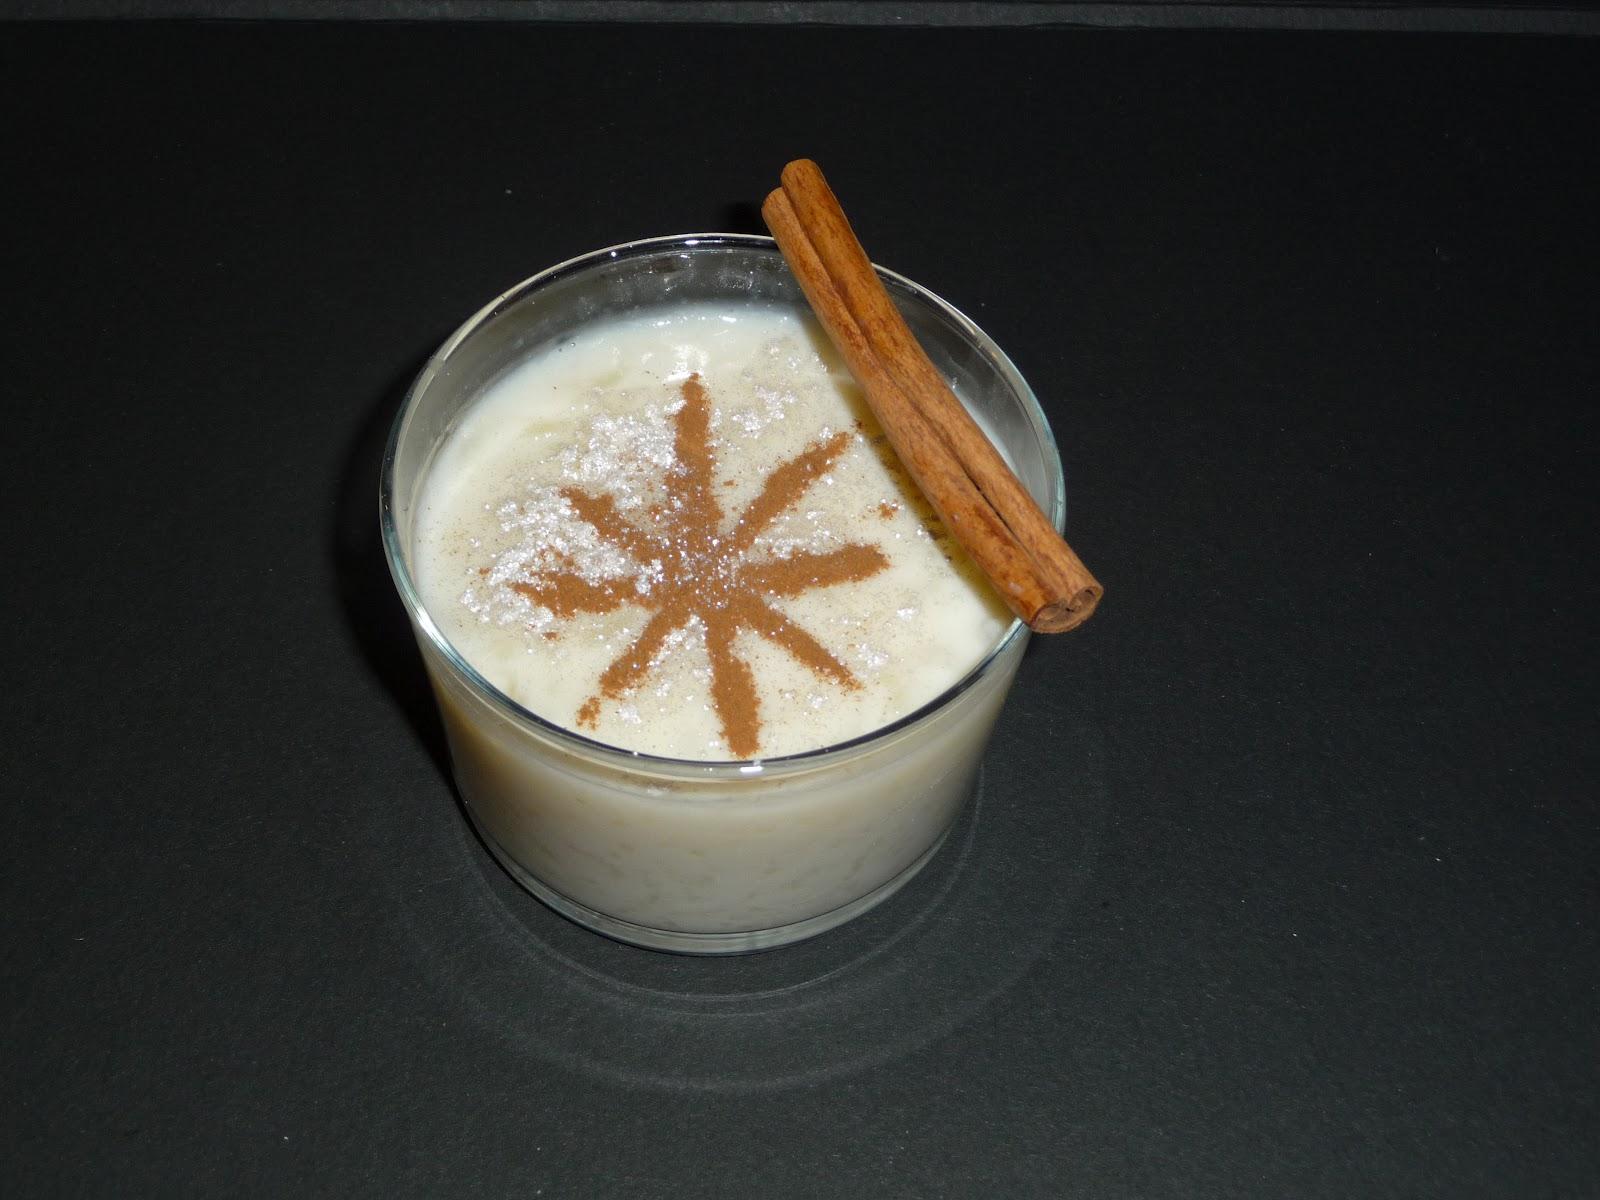 Riz au lait maison la cuisine de chris - Riz au lait maison ...